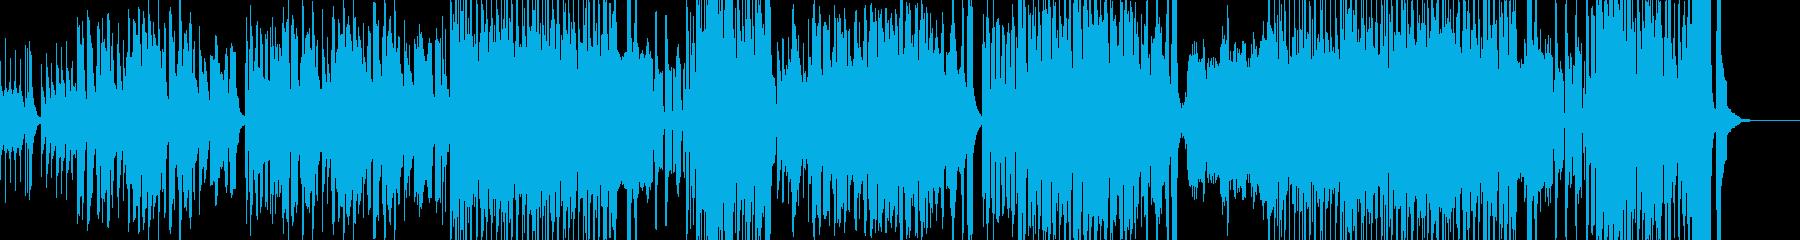 絵本の中に入ったようなレトロなBGMの再生済みの波形